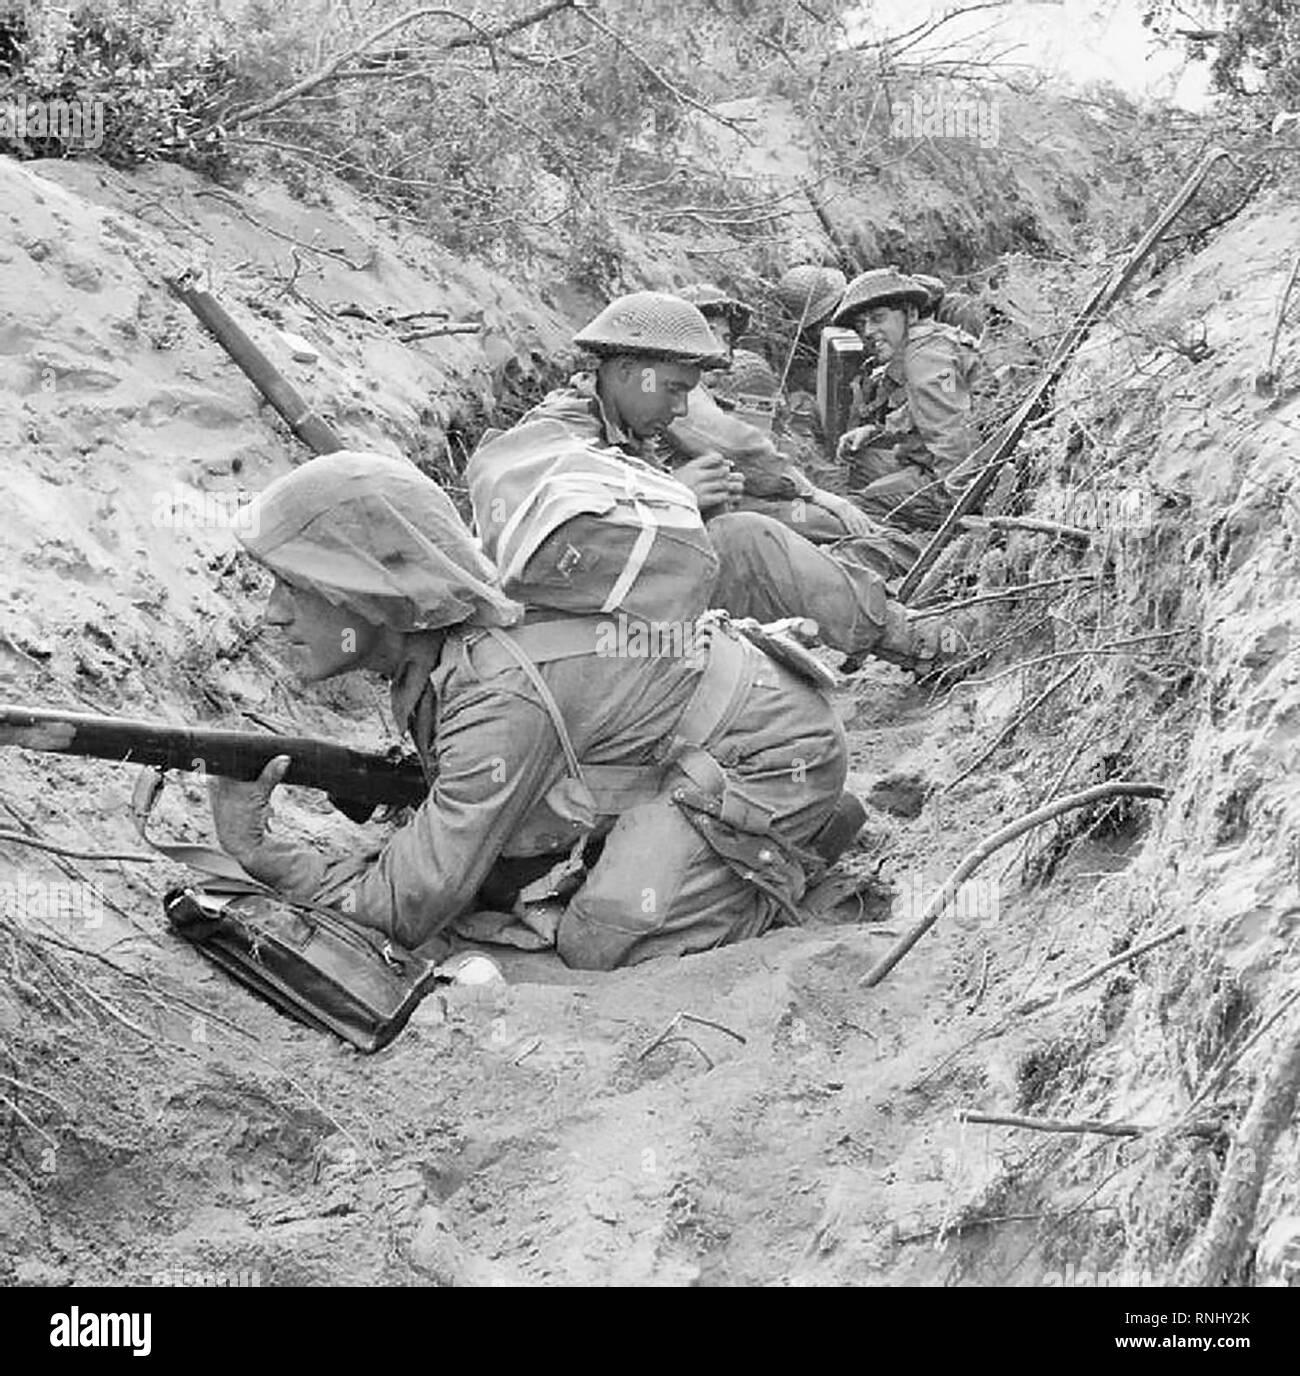 Männer von 'D' Unternehmen, 1.BATAILLON der Green Howards, 5 Infanterie Division, einen gefangengenommenen deutschen Communications graben Während der Offensive besetzen in Anzio, 22. Mai 1944. Stockbild